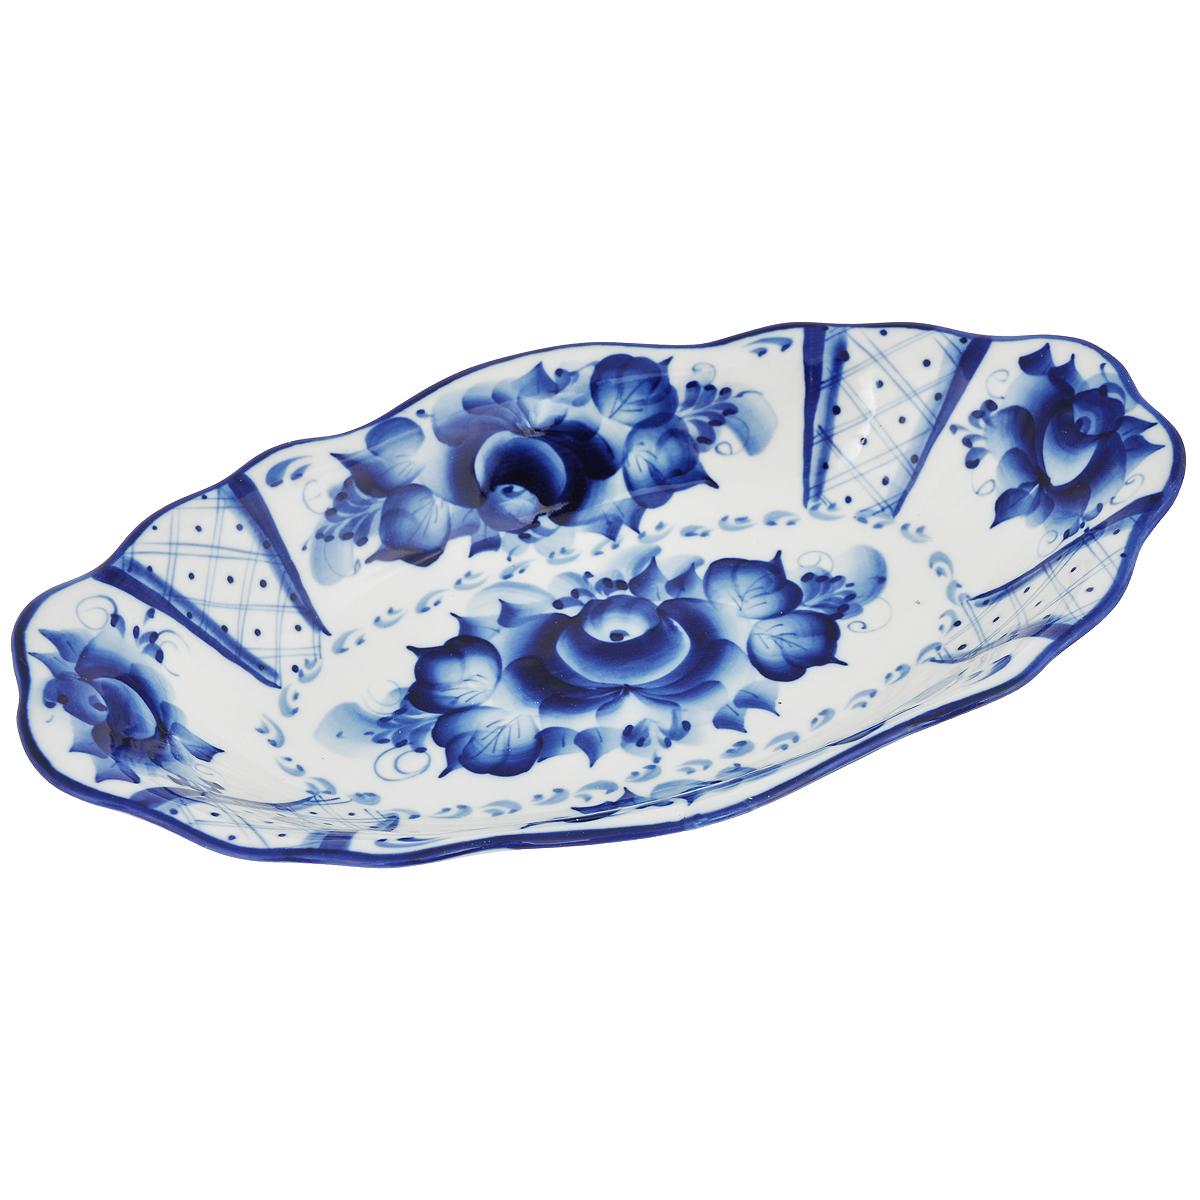 Лоток Гранд средний. 993011331993011331Обращаем ваше внимание, что роспись на изделиях сделана вручную. Рисунок может немного отличаться от изображения на фотографии. Цвет: белый/синий